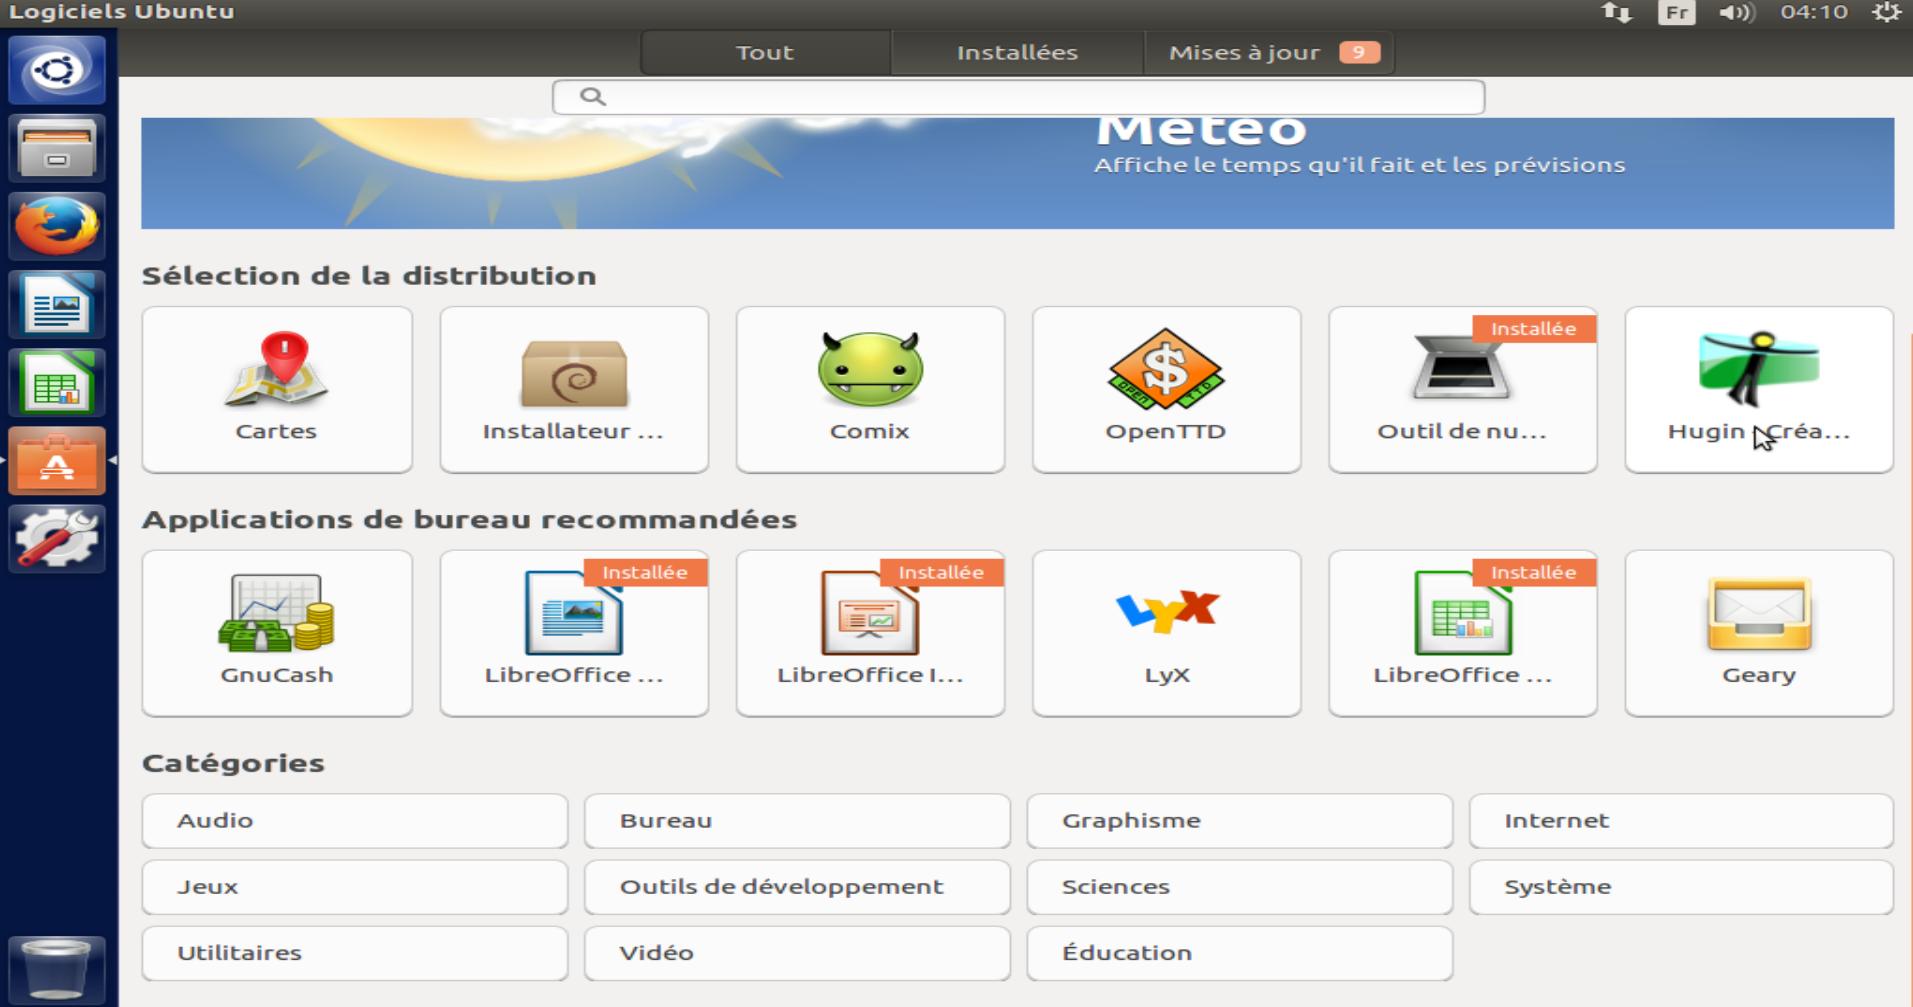 Illustration logithèque Ubuntu